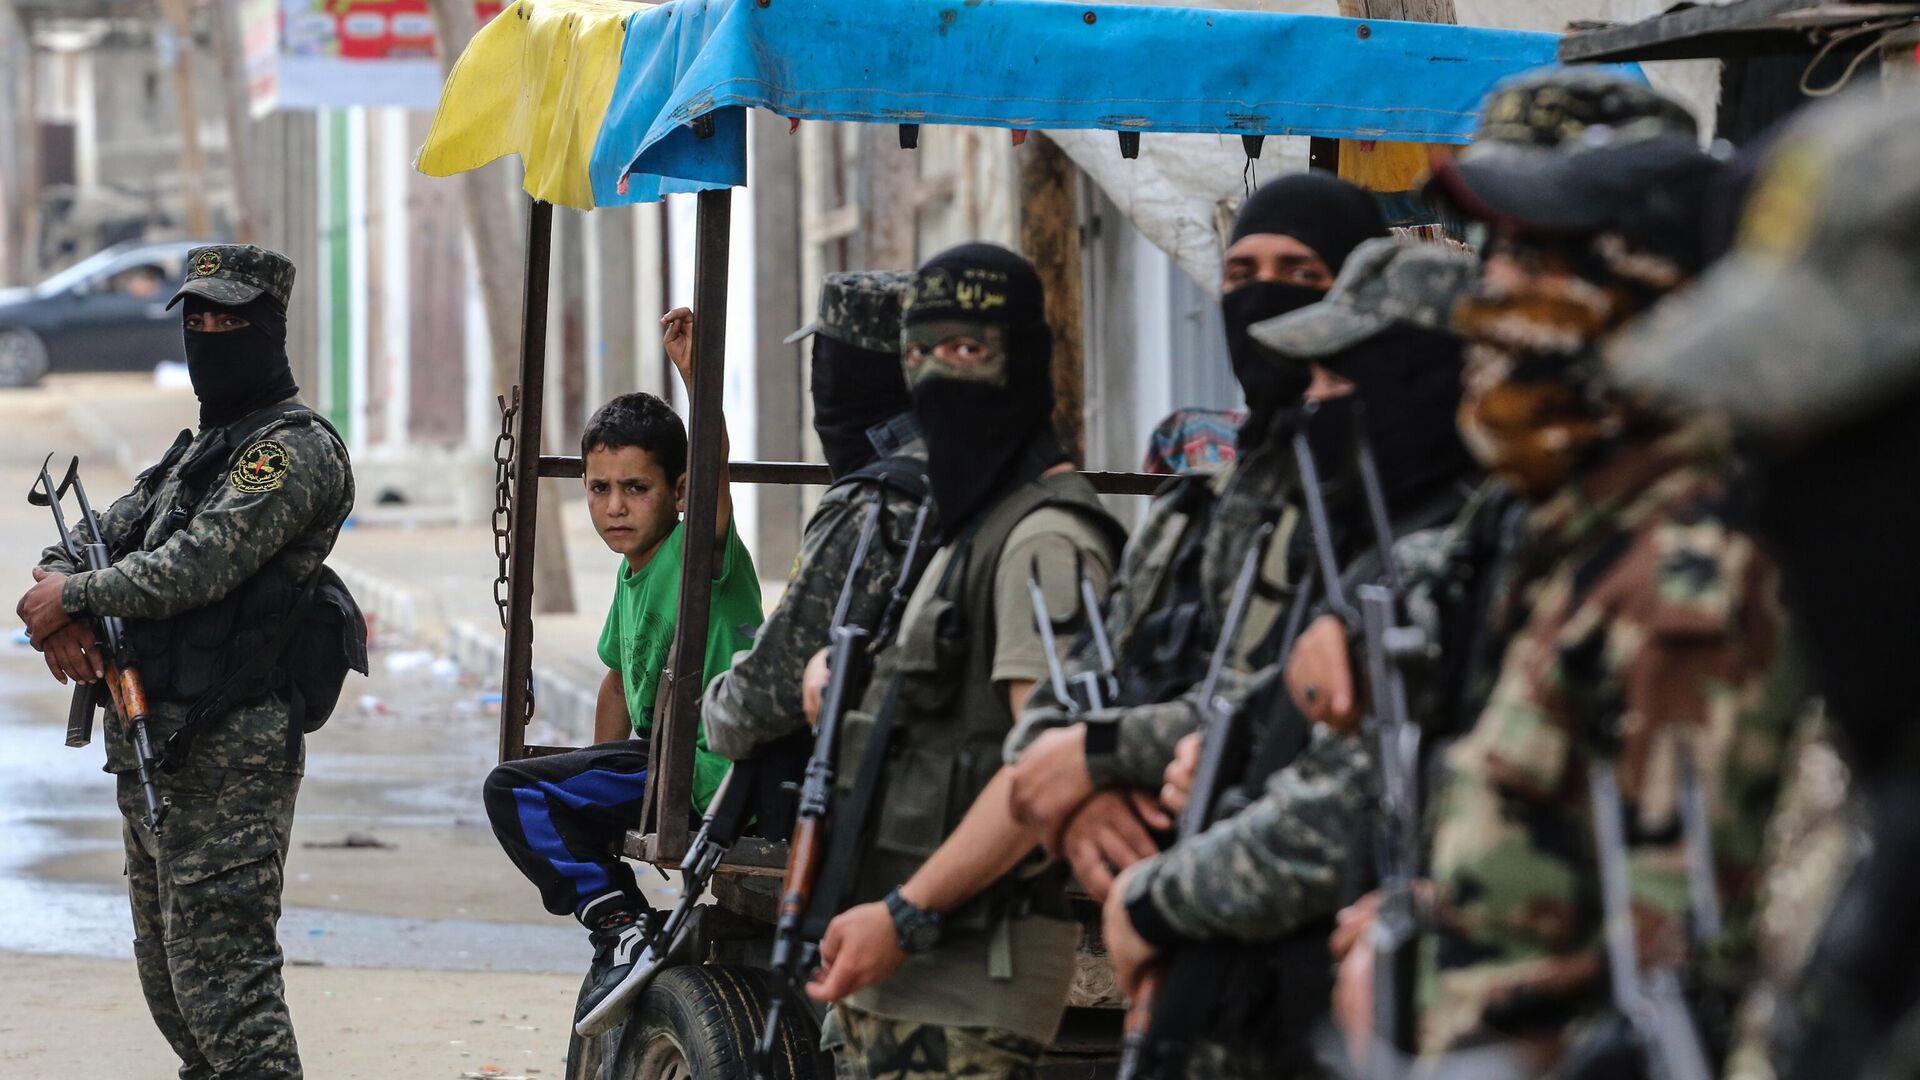 Военные и ребенок на одной из улиц сектора Газа - РИА Новости, 1920, 31.05.2021